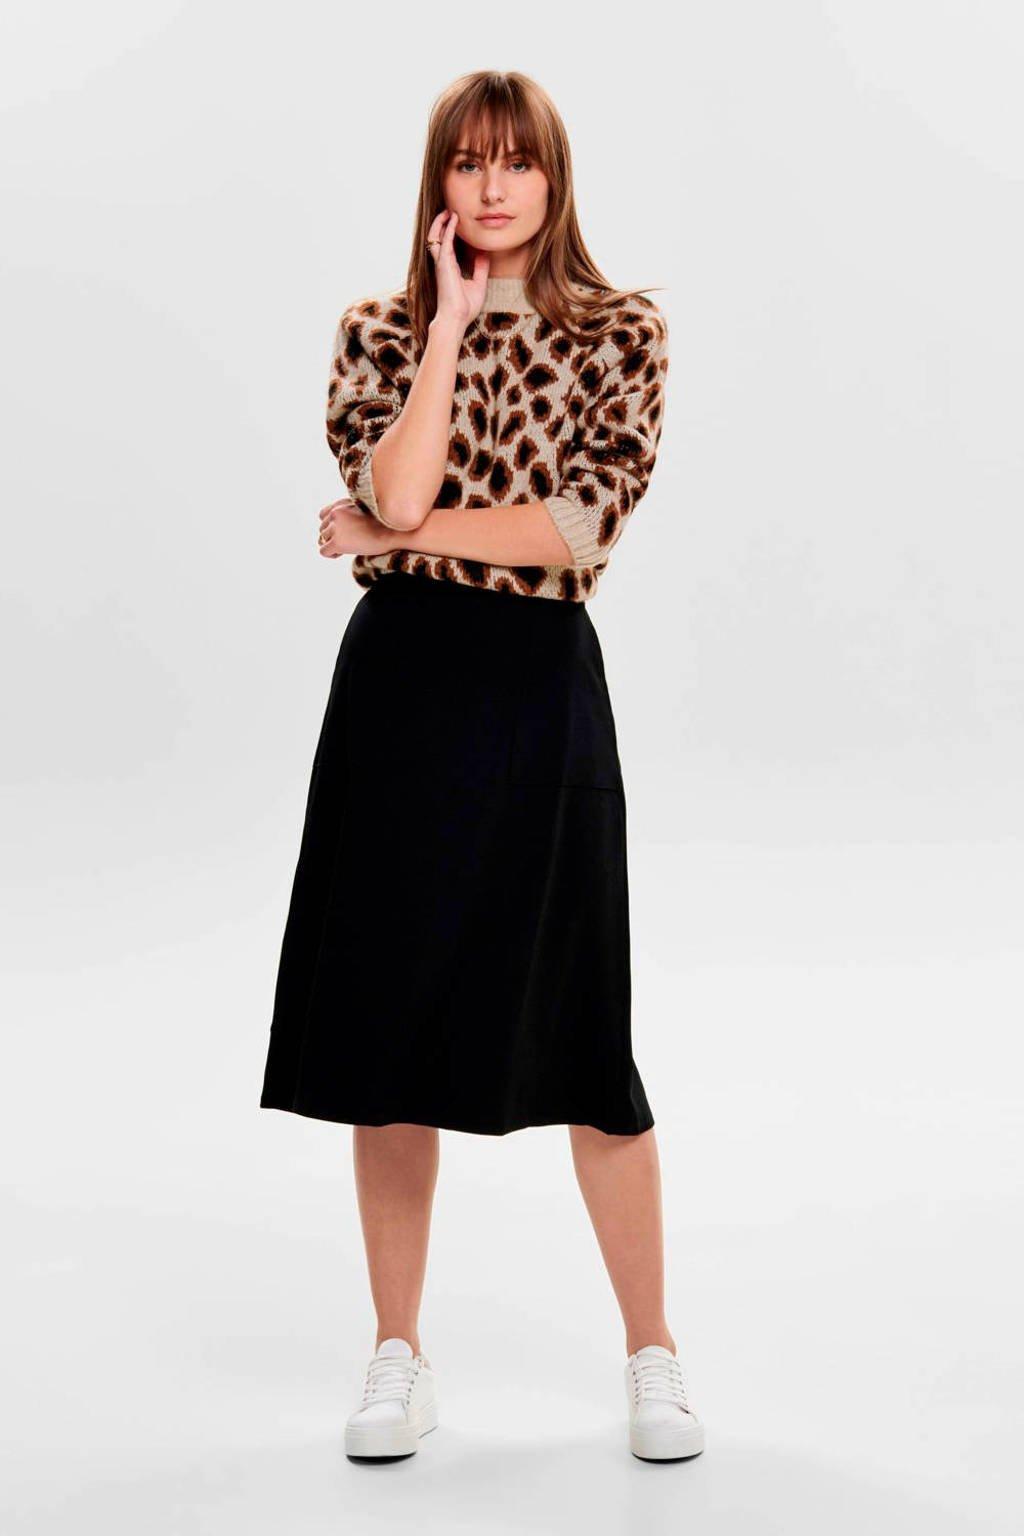 ONLY trui met panterprint beige/bruin/zwart, Beige/bruin/zwart